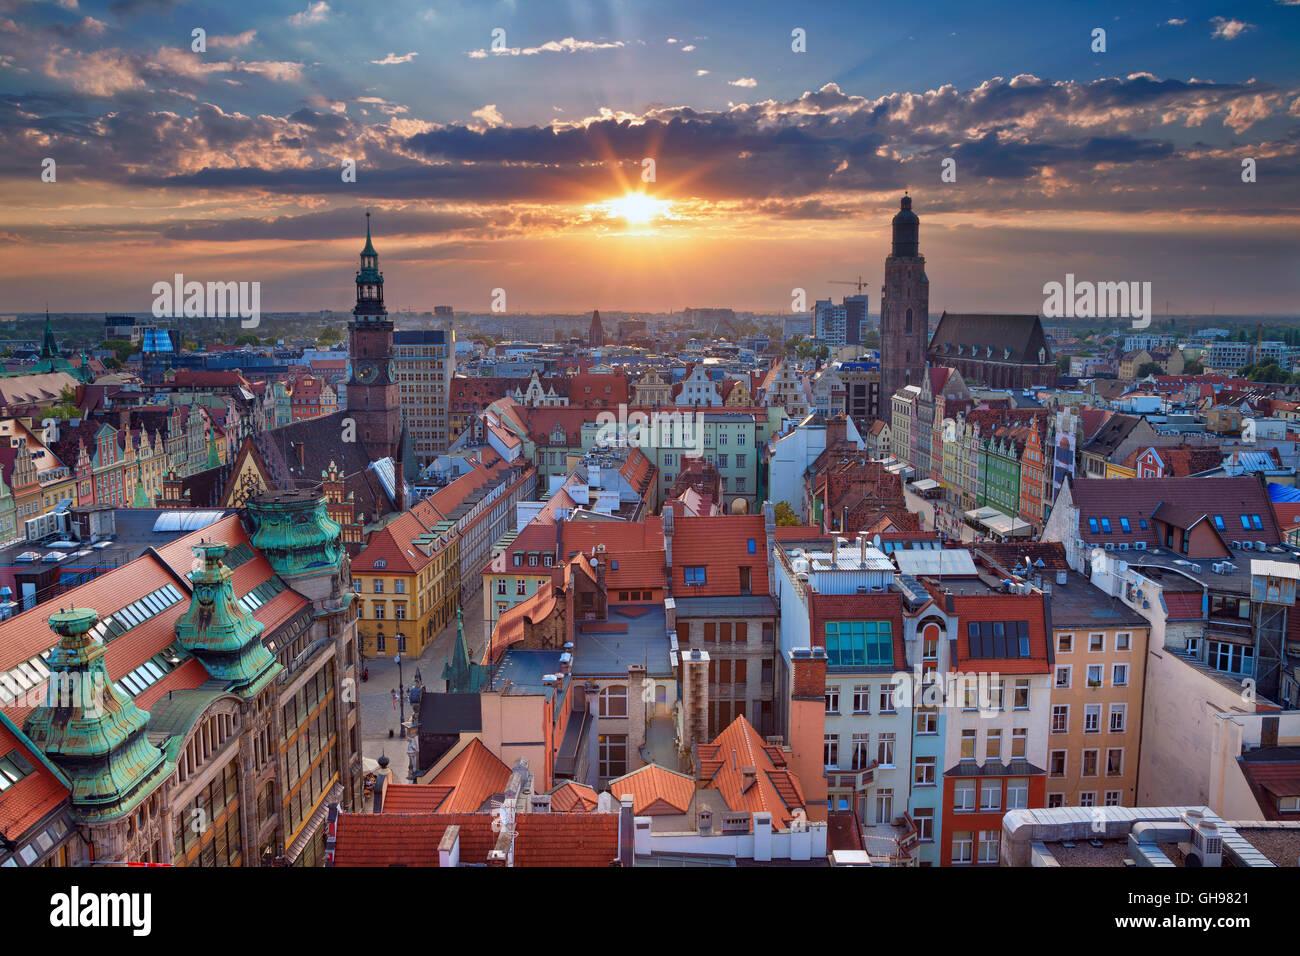 Wroclaw. Imagen de Wroclaw, Polonia durante el verano, la puesta de sol. Imagen De Stock